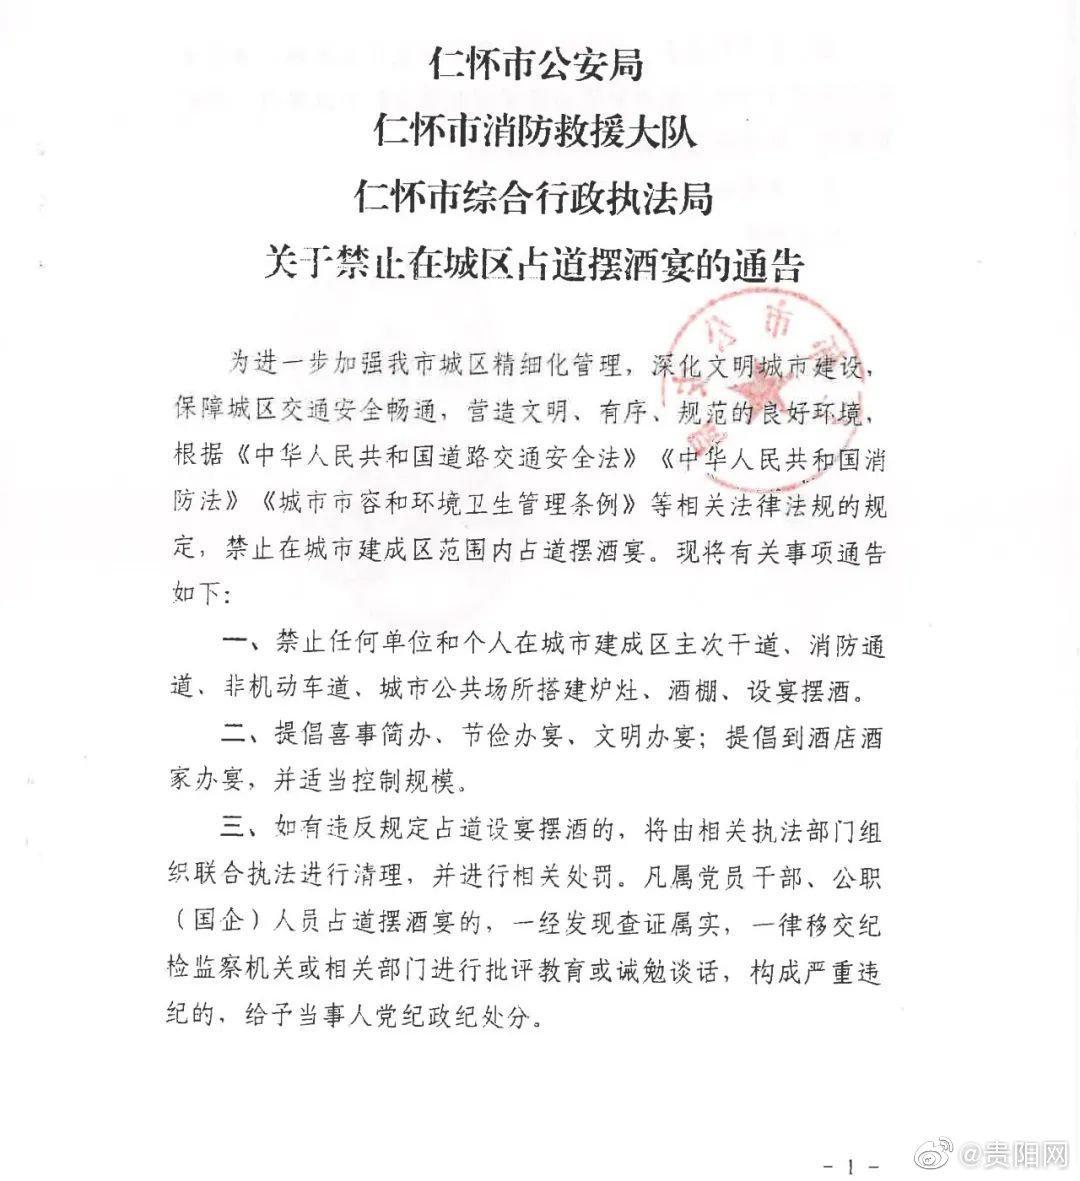 贵州仁怀:禁止在城区占道摆酒宴